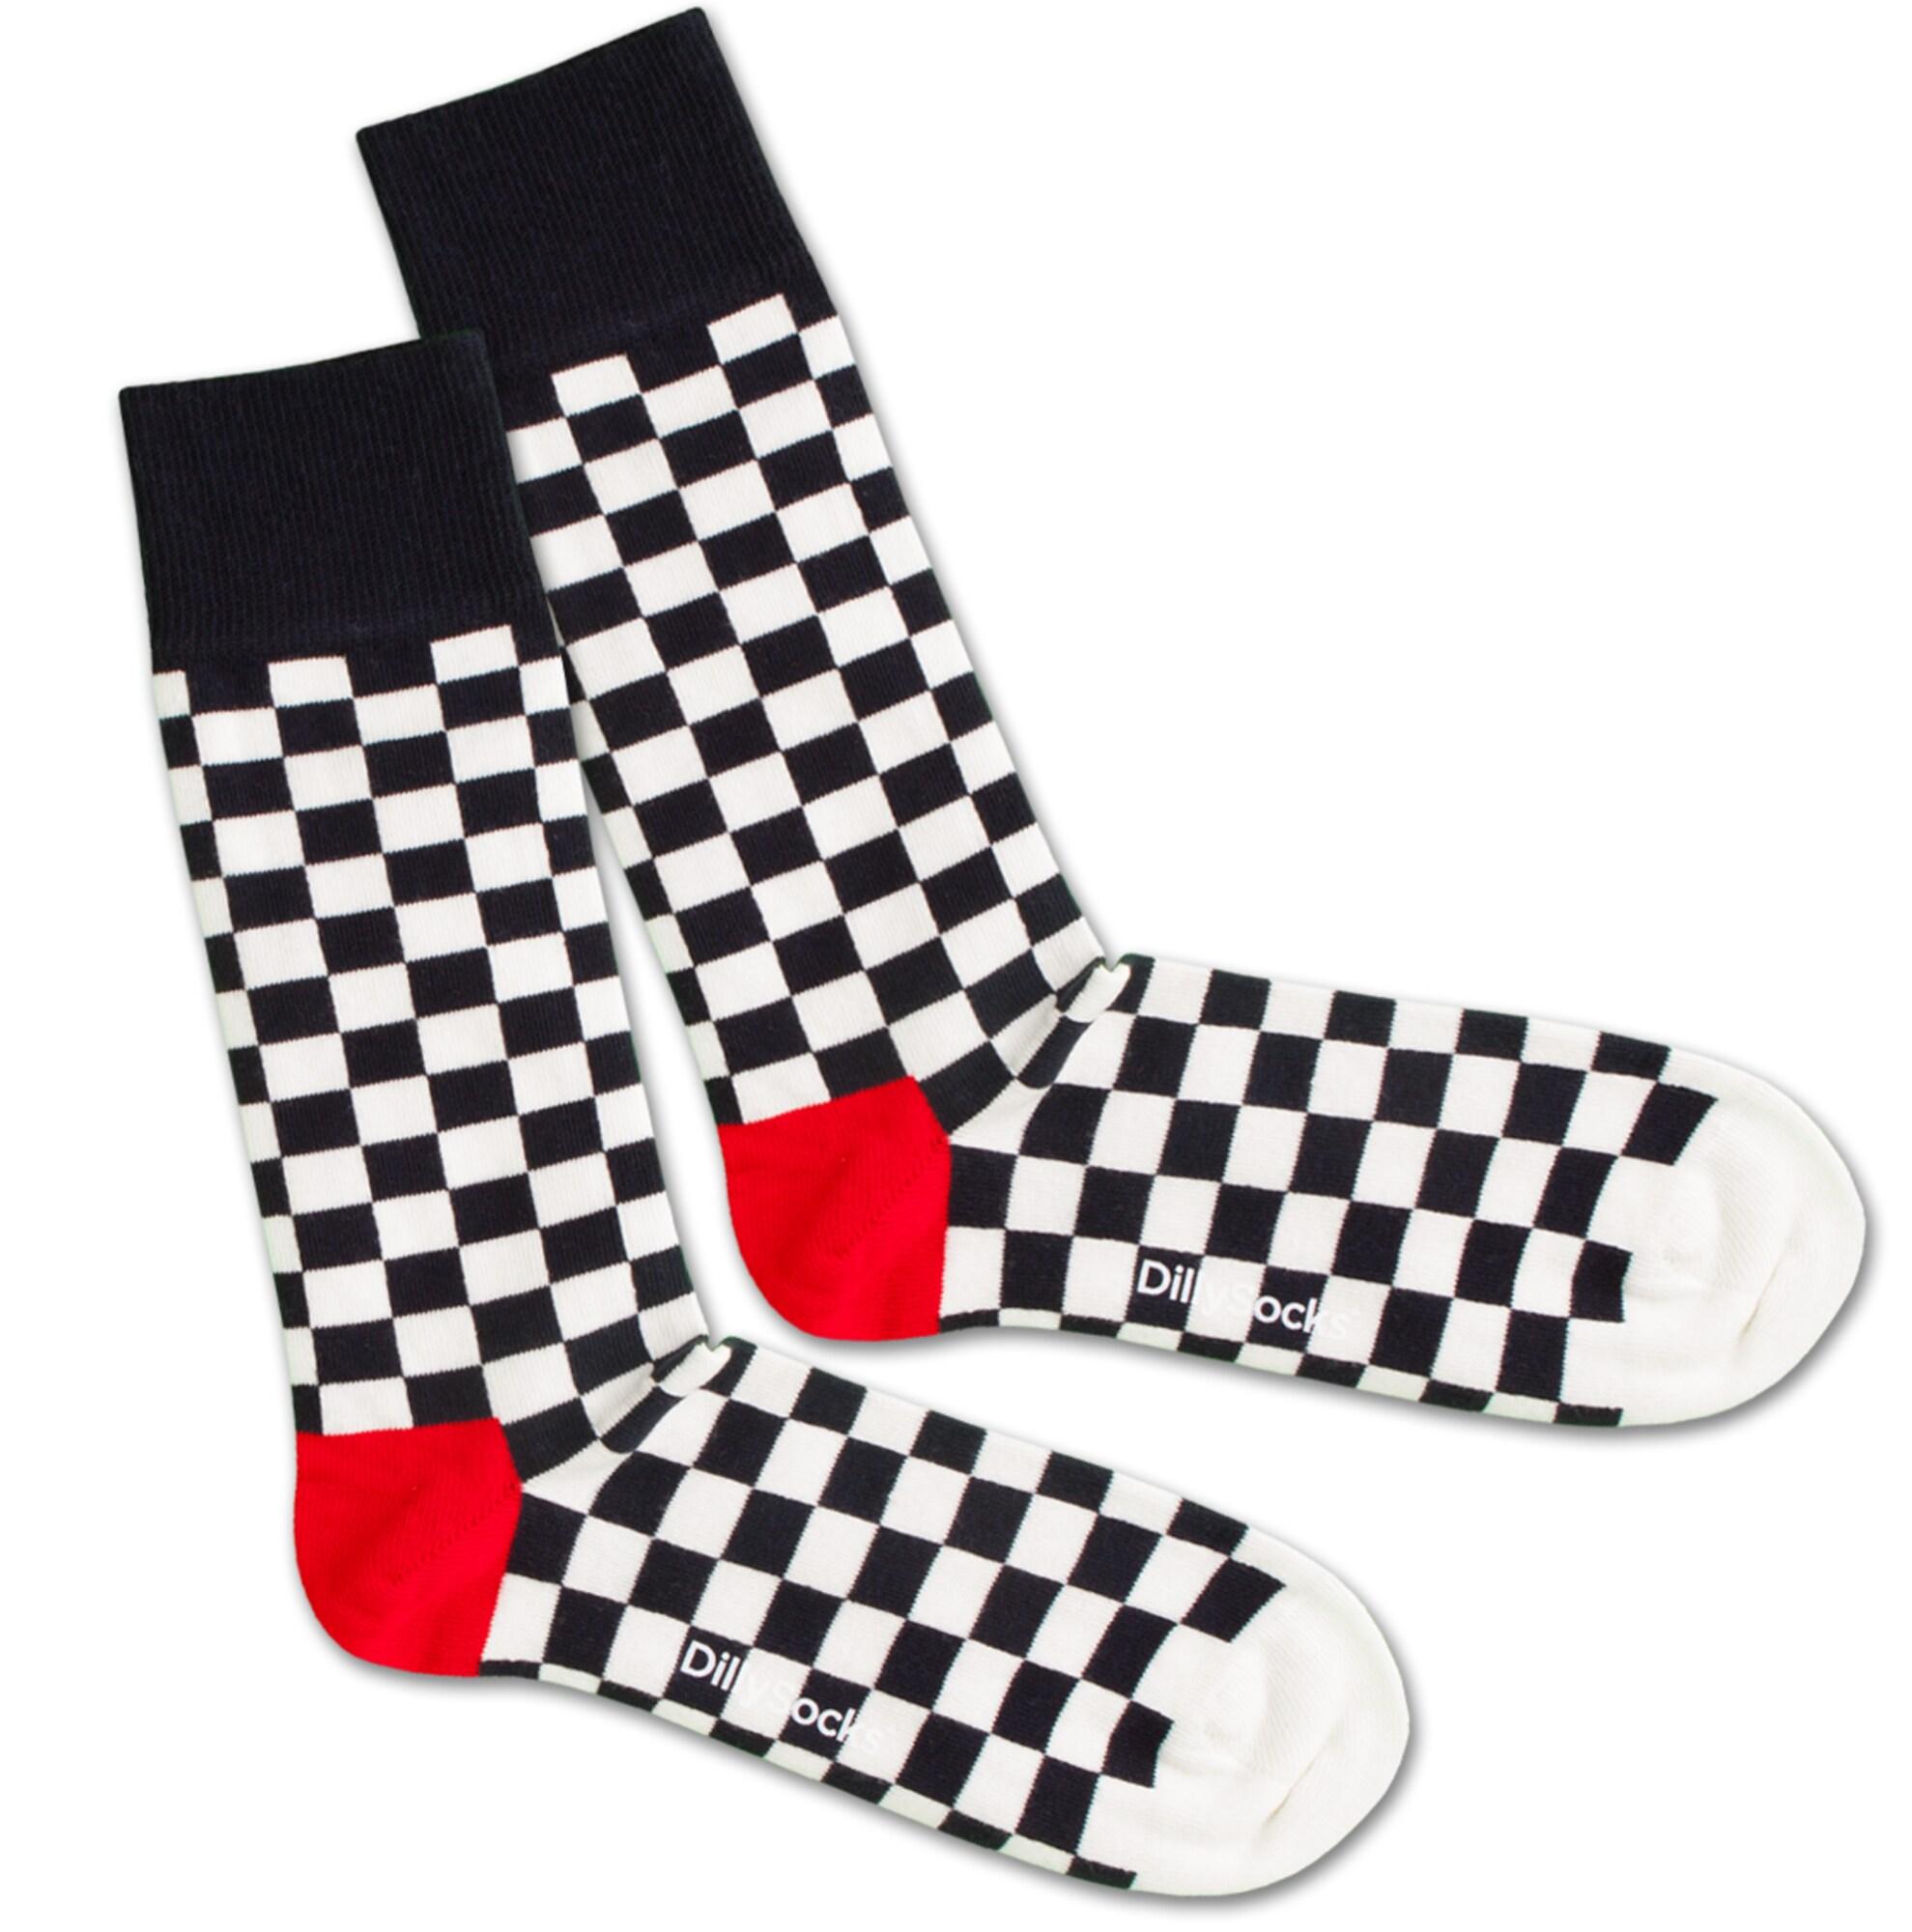 Ponožky Chess And Check červená černá bílá DillySocks